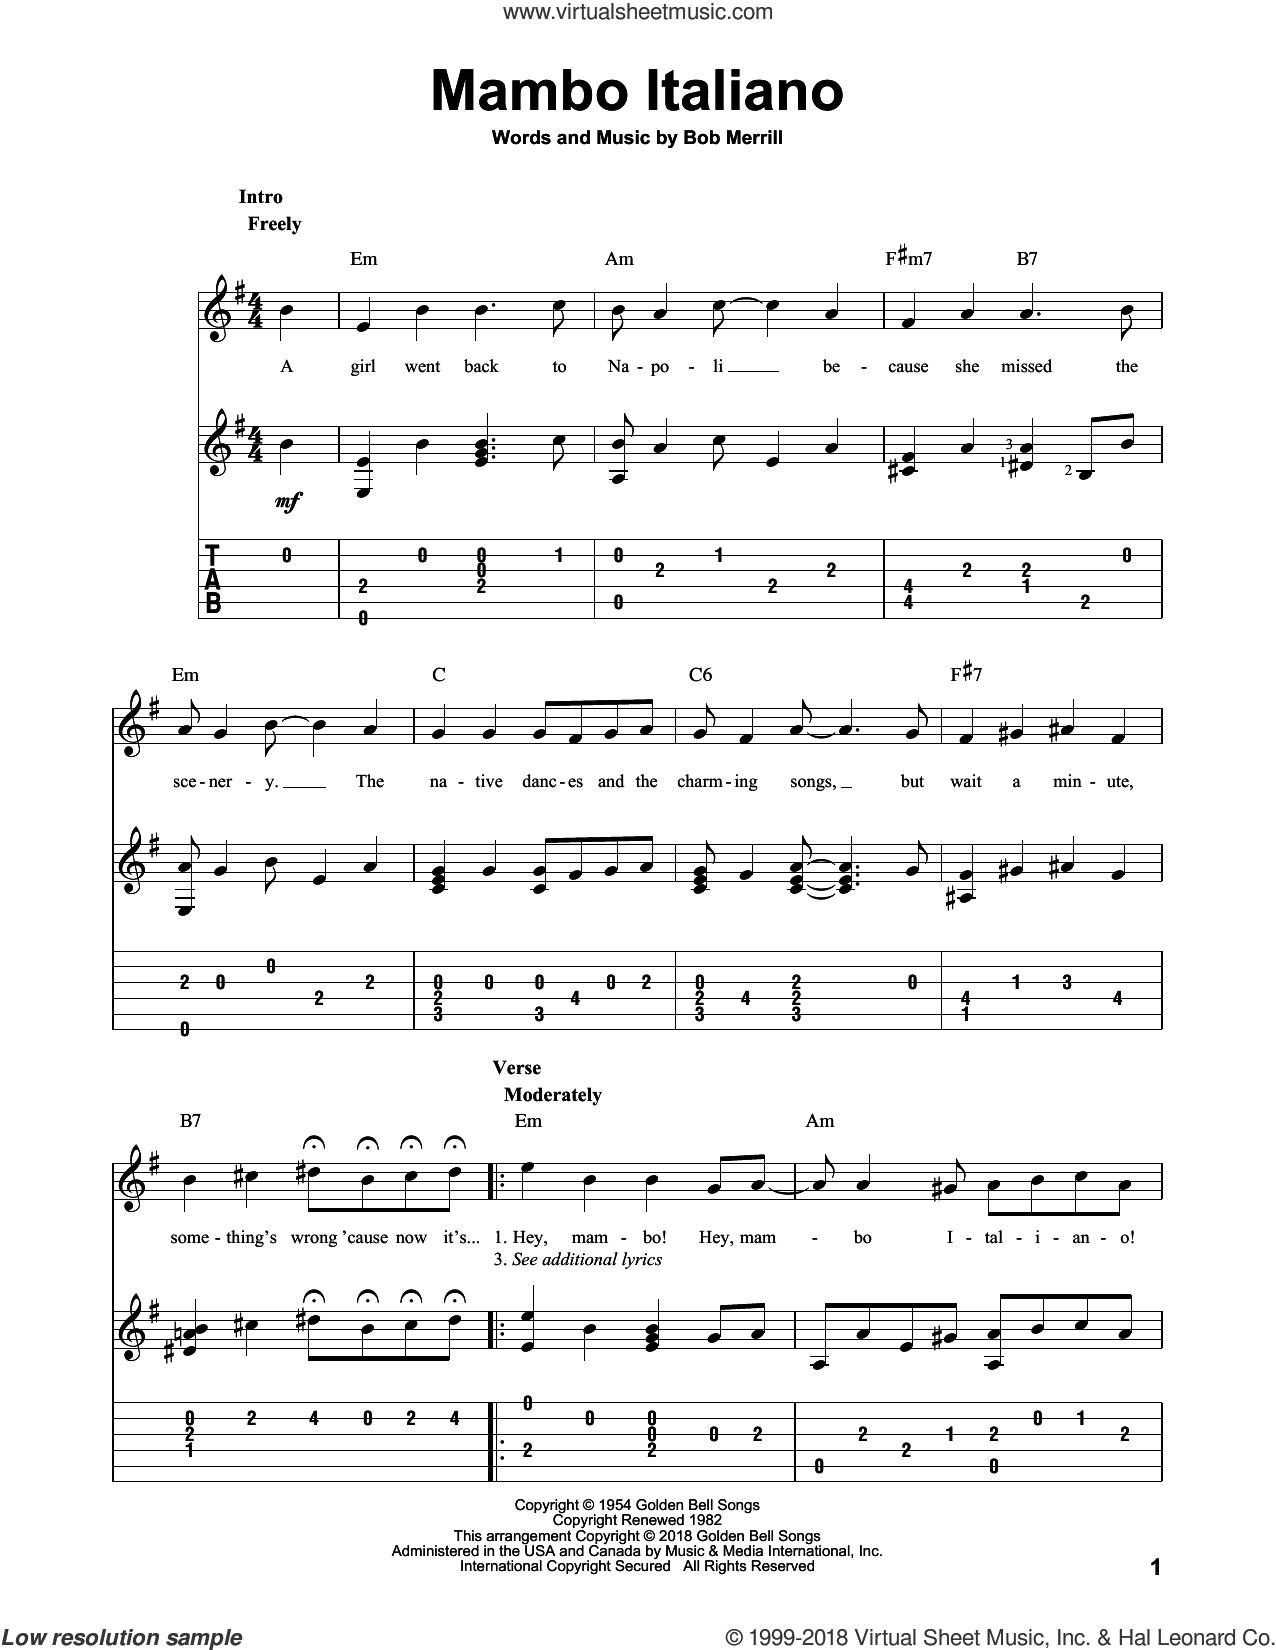 Mambo Italiano sheet music for guitar solo by Bob Merrill, intermediate skill level